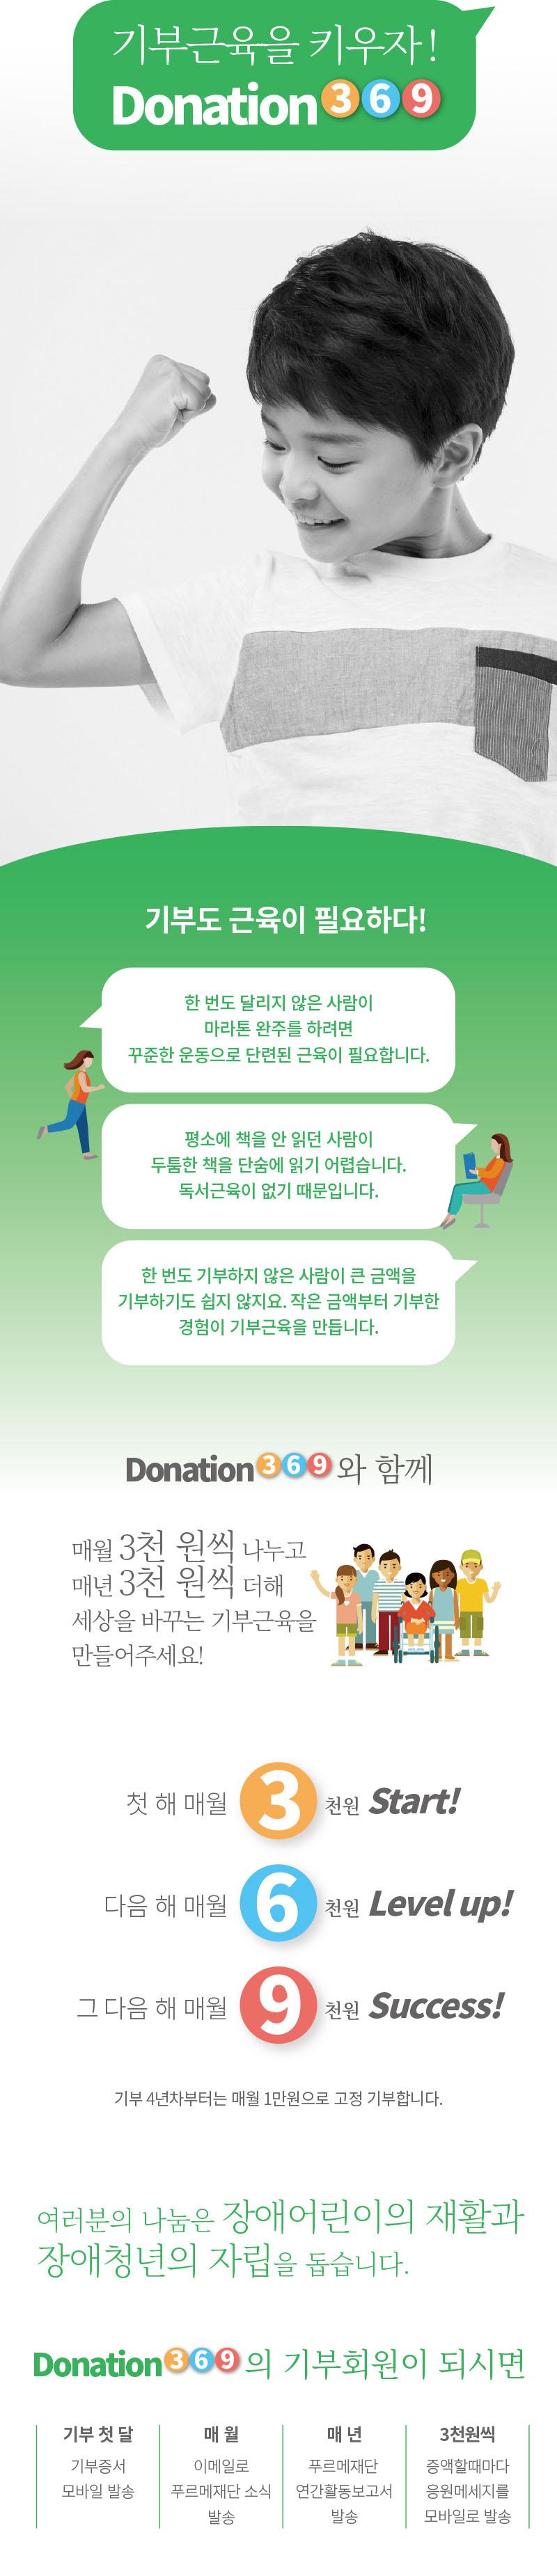 매월 3천원 소액 정기기부 캠페인 '도네이션369'